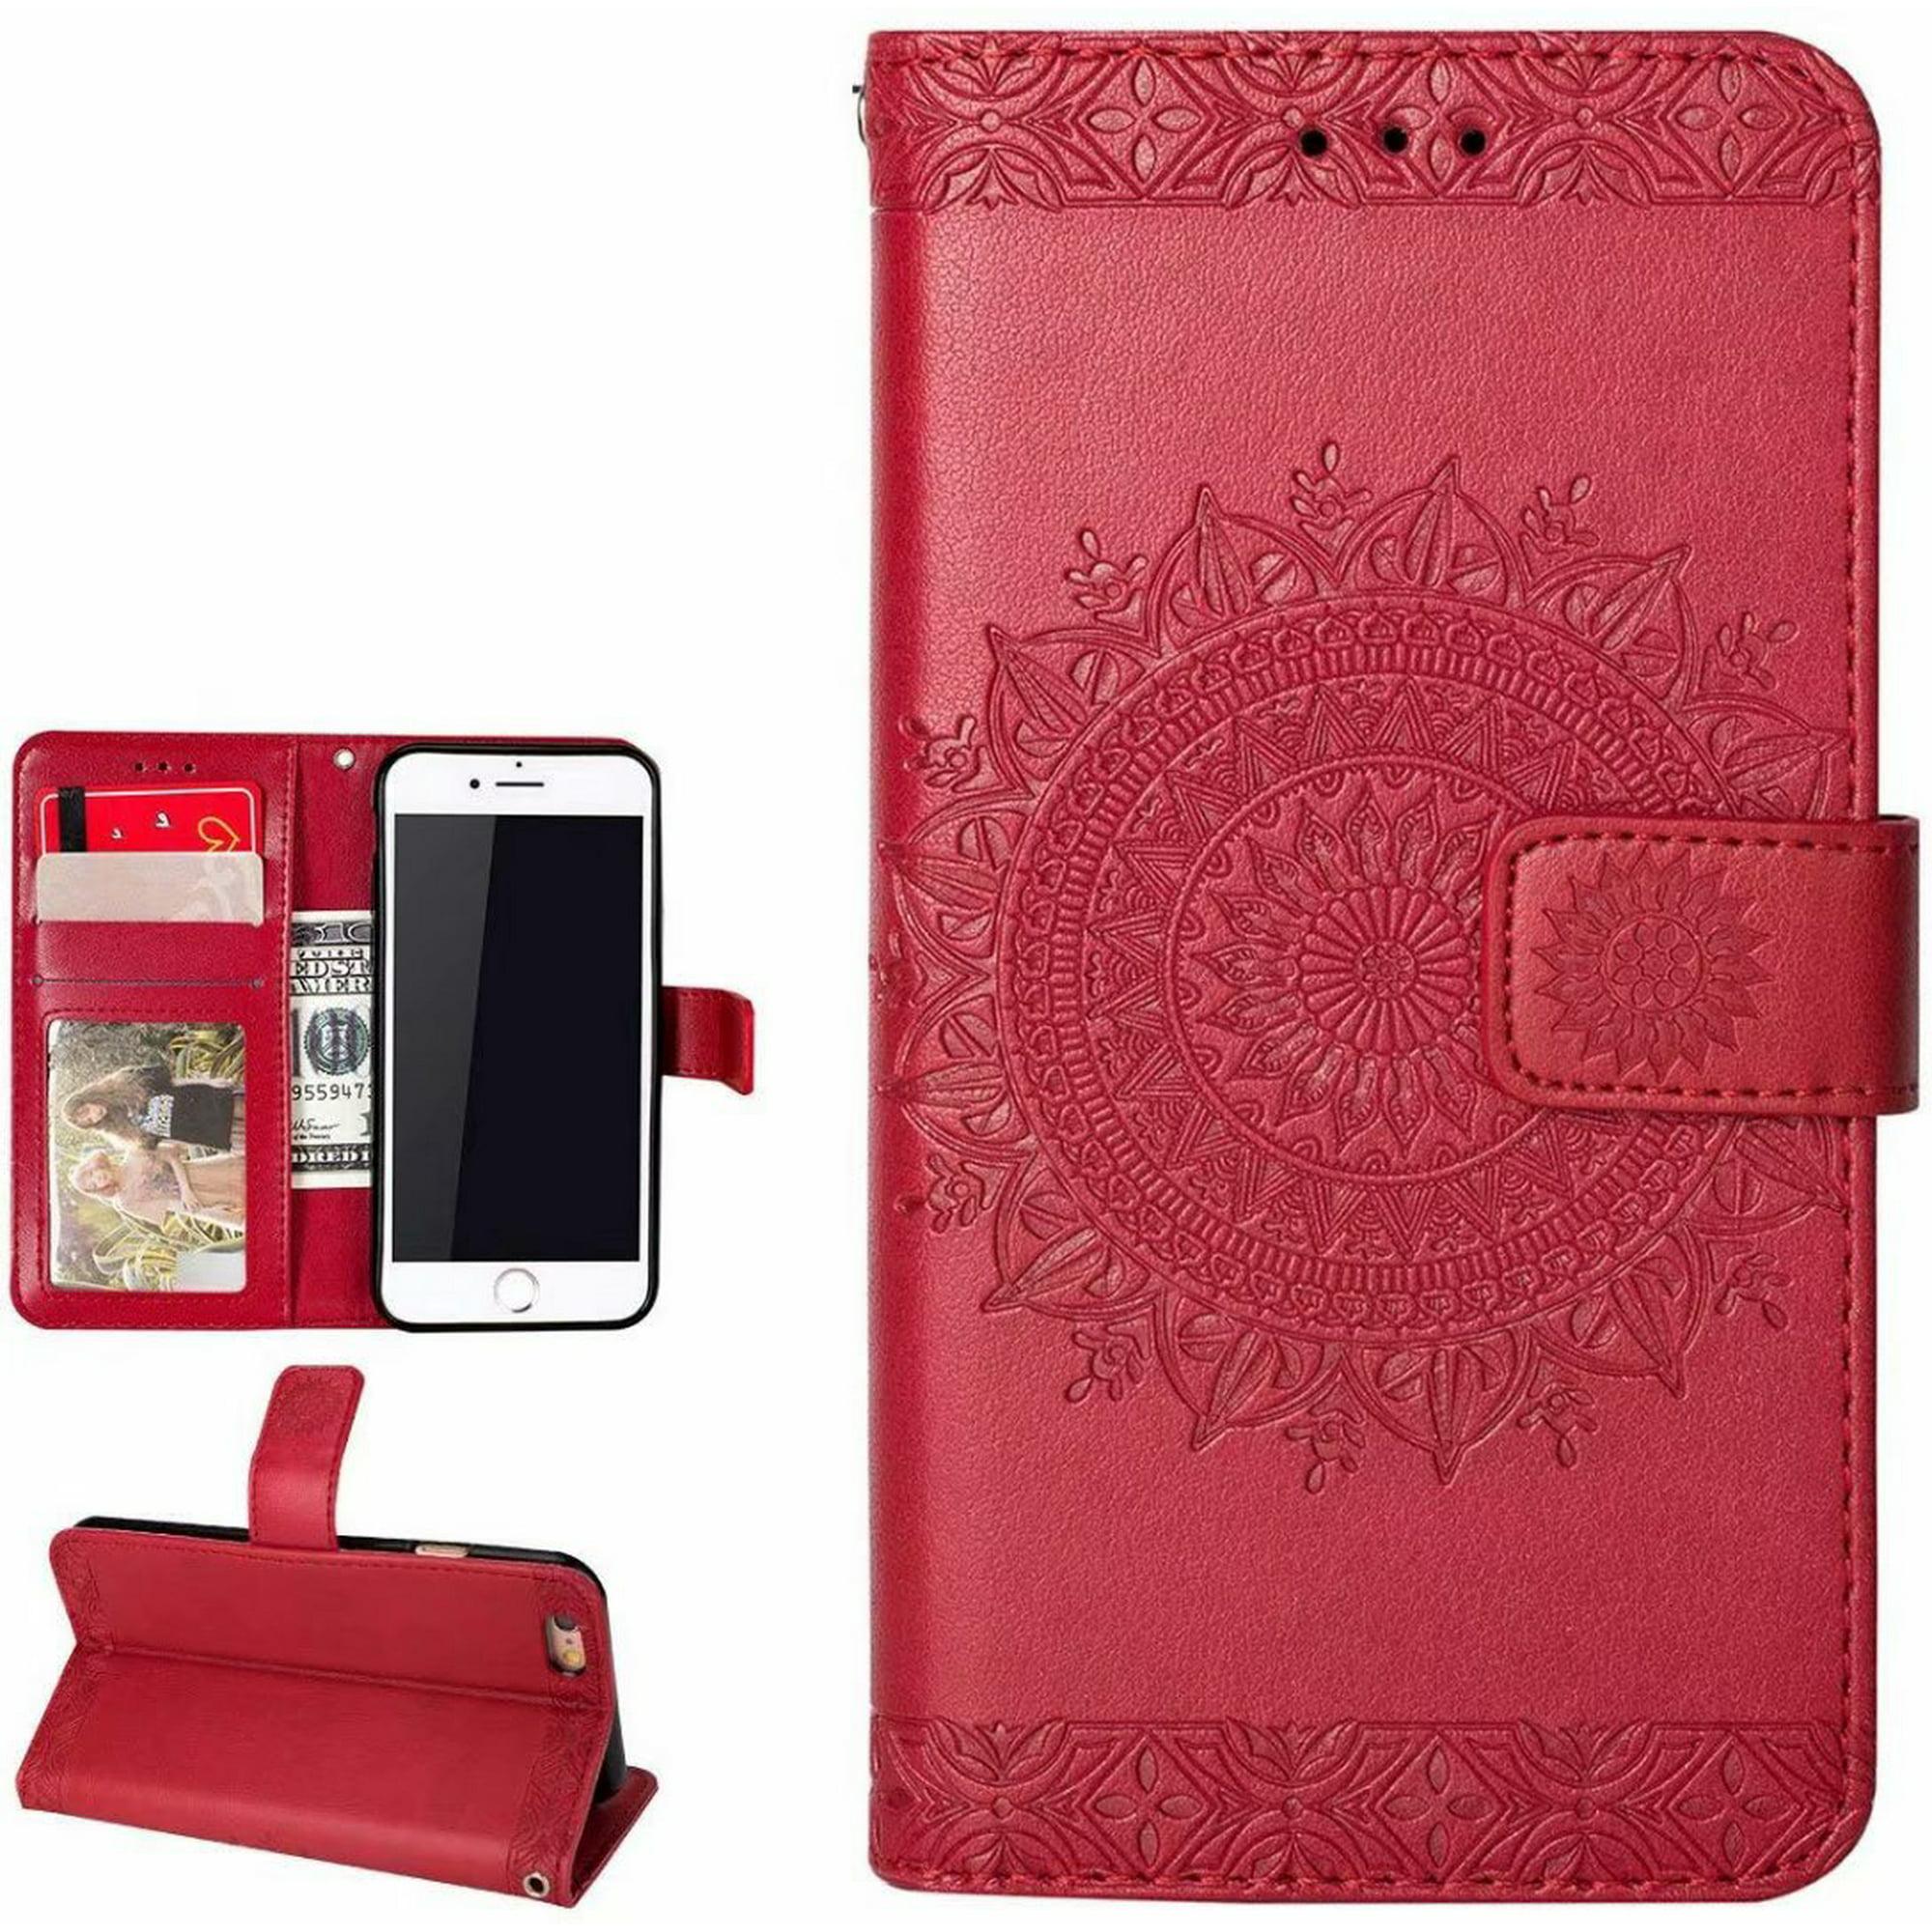 For Iphone 6 Plus / 6s Plus 5.5 '' Mobile Phone Cover, Retro ...